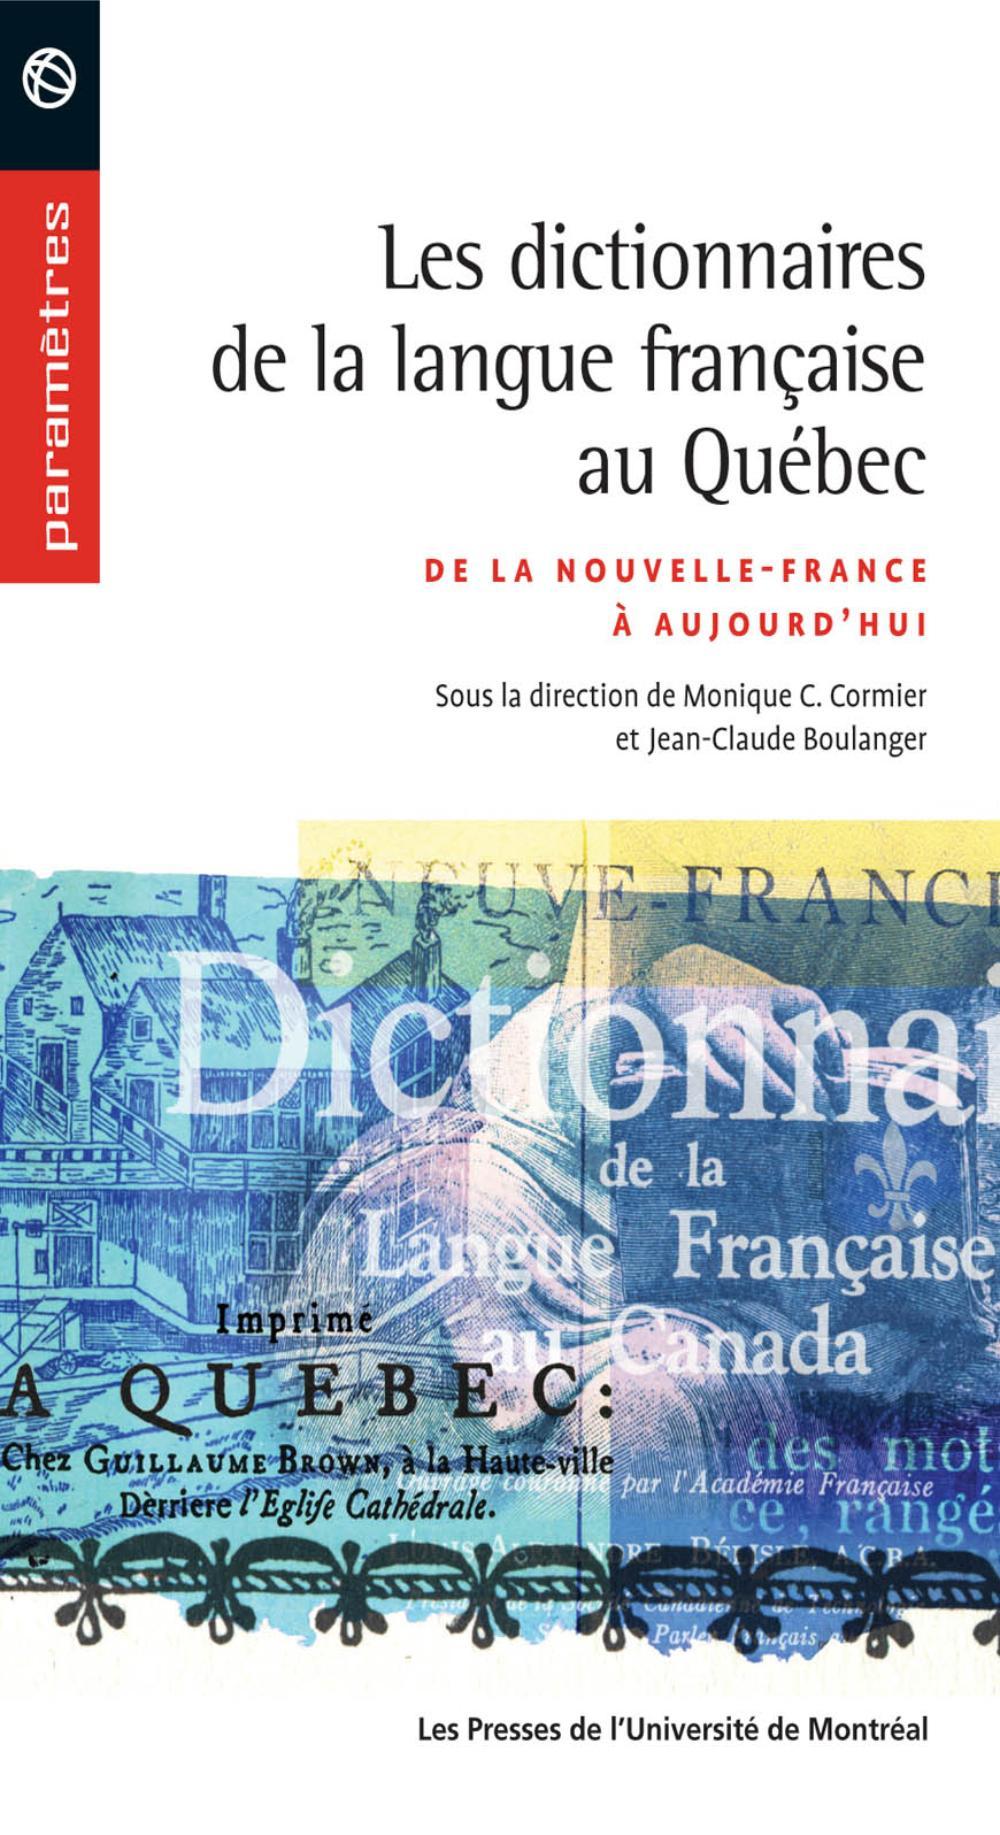 Les dictionnaires de la langue française au Québec. De la Nouvelle-France à aujourd'hui